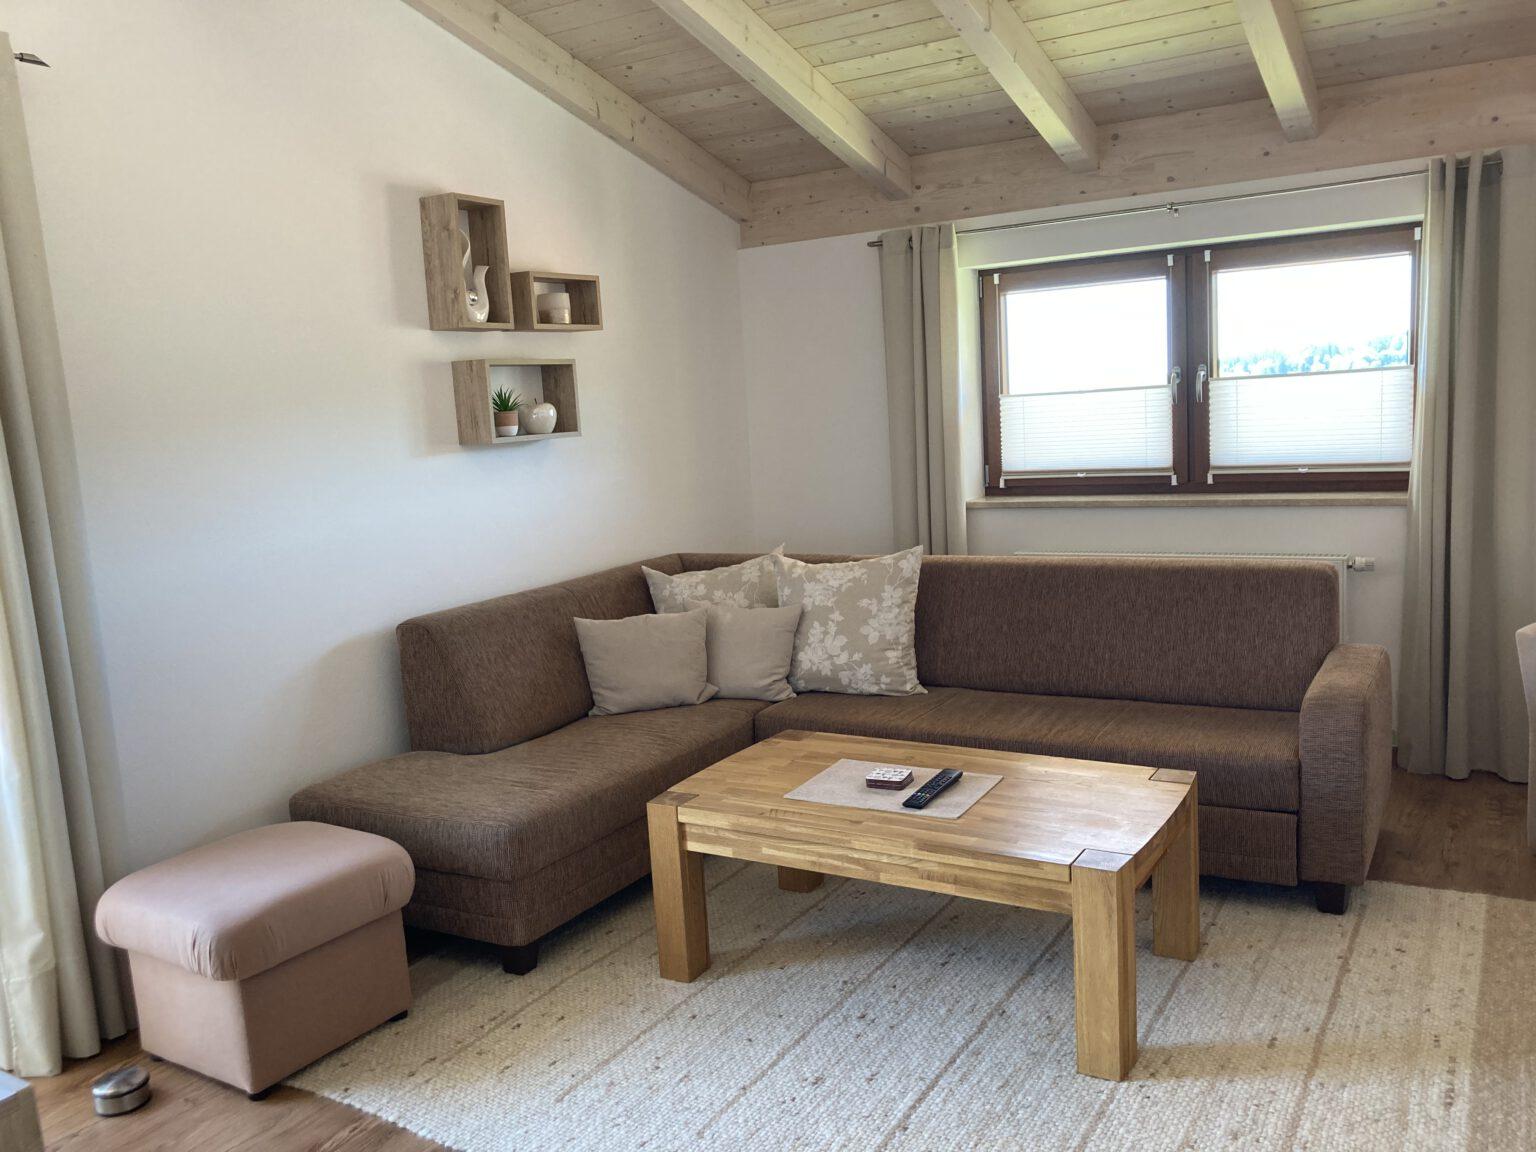 Wohnzimmer mit Schlafcouch in Ferienwohnung 2, Ferienwohnungen Sankt Englmar